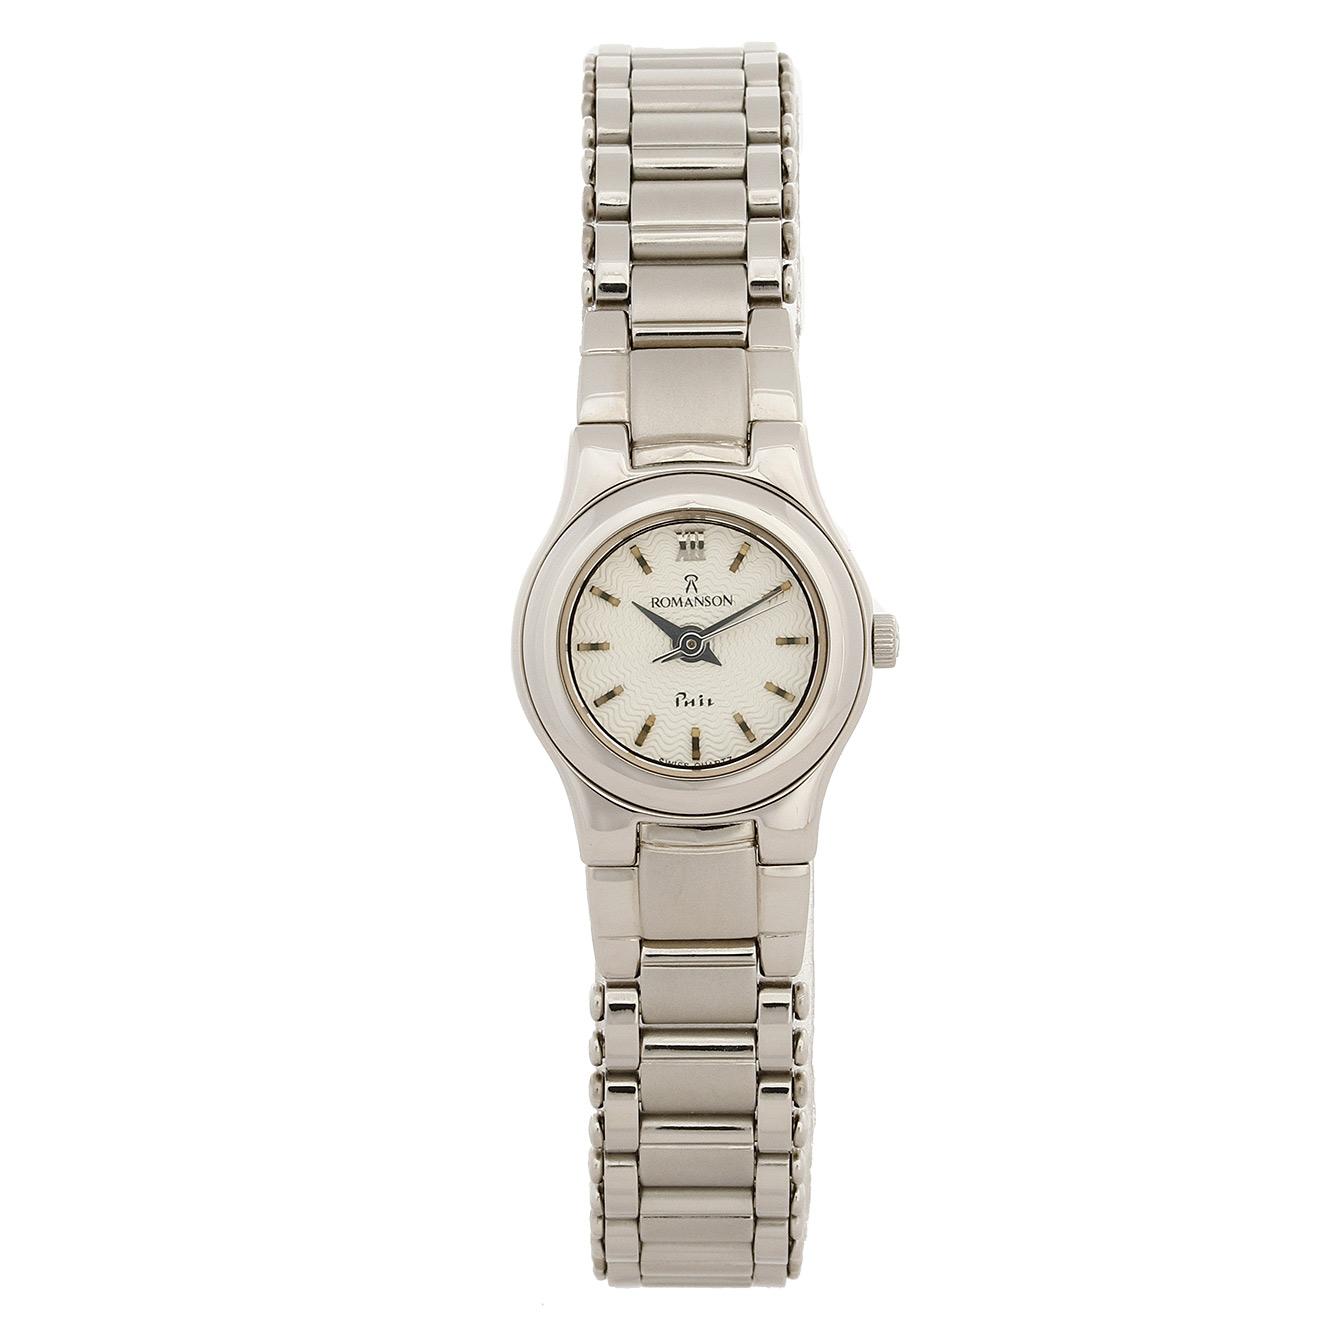 ساعت مچی عقربه ای زنانه رومانسون مدل NM4510LL1WAS2W 40